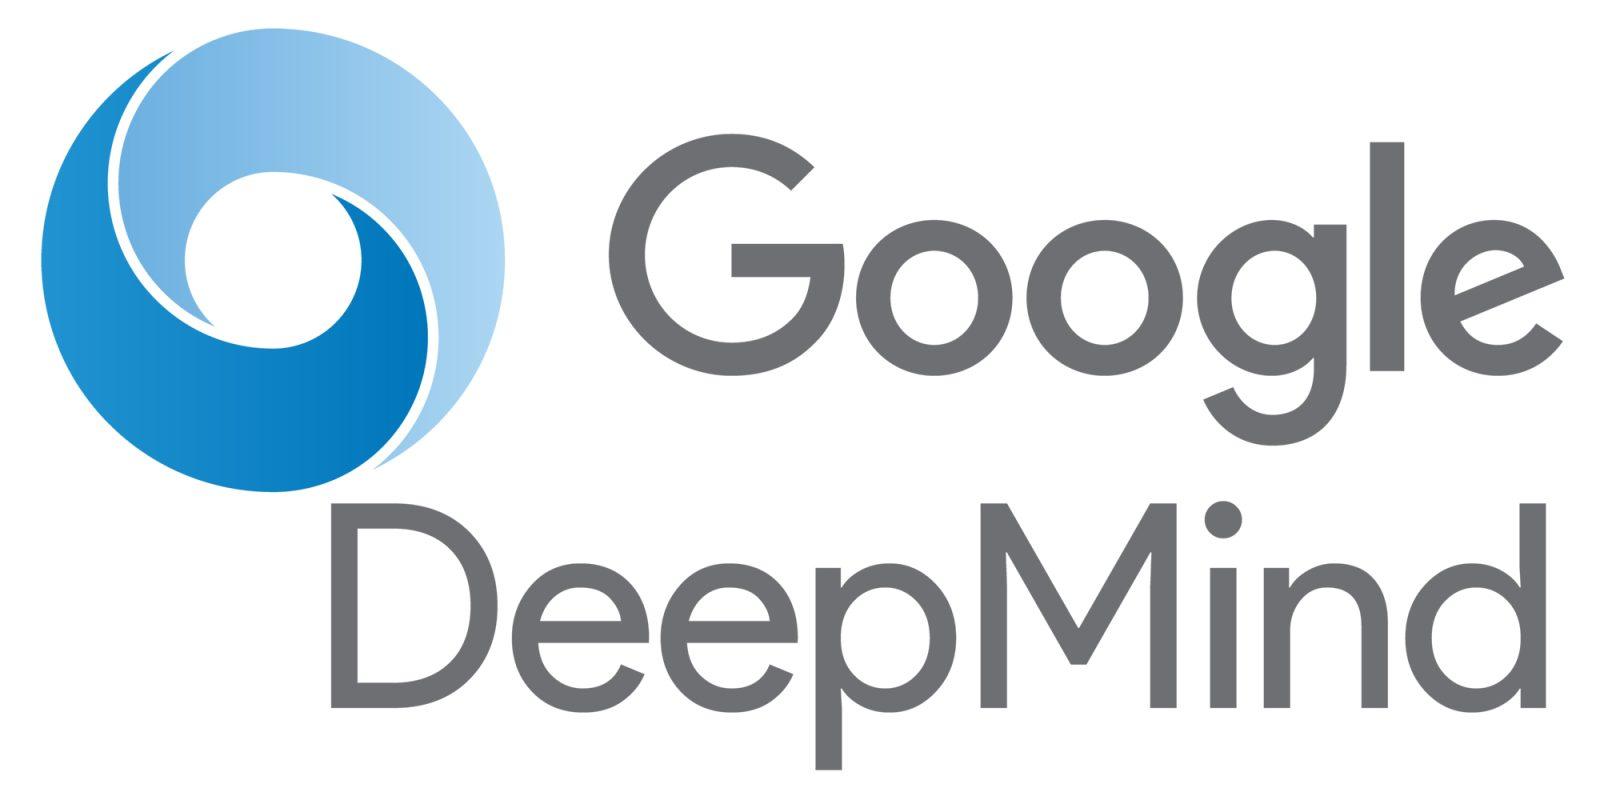 L'intelligenza artificiale DeepMind batte i campioni di StarCraft 2